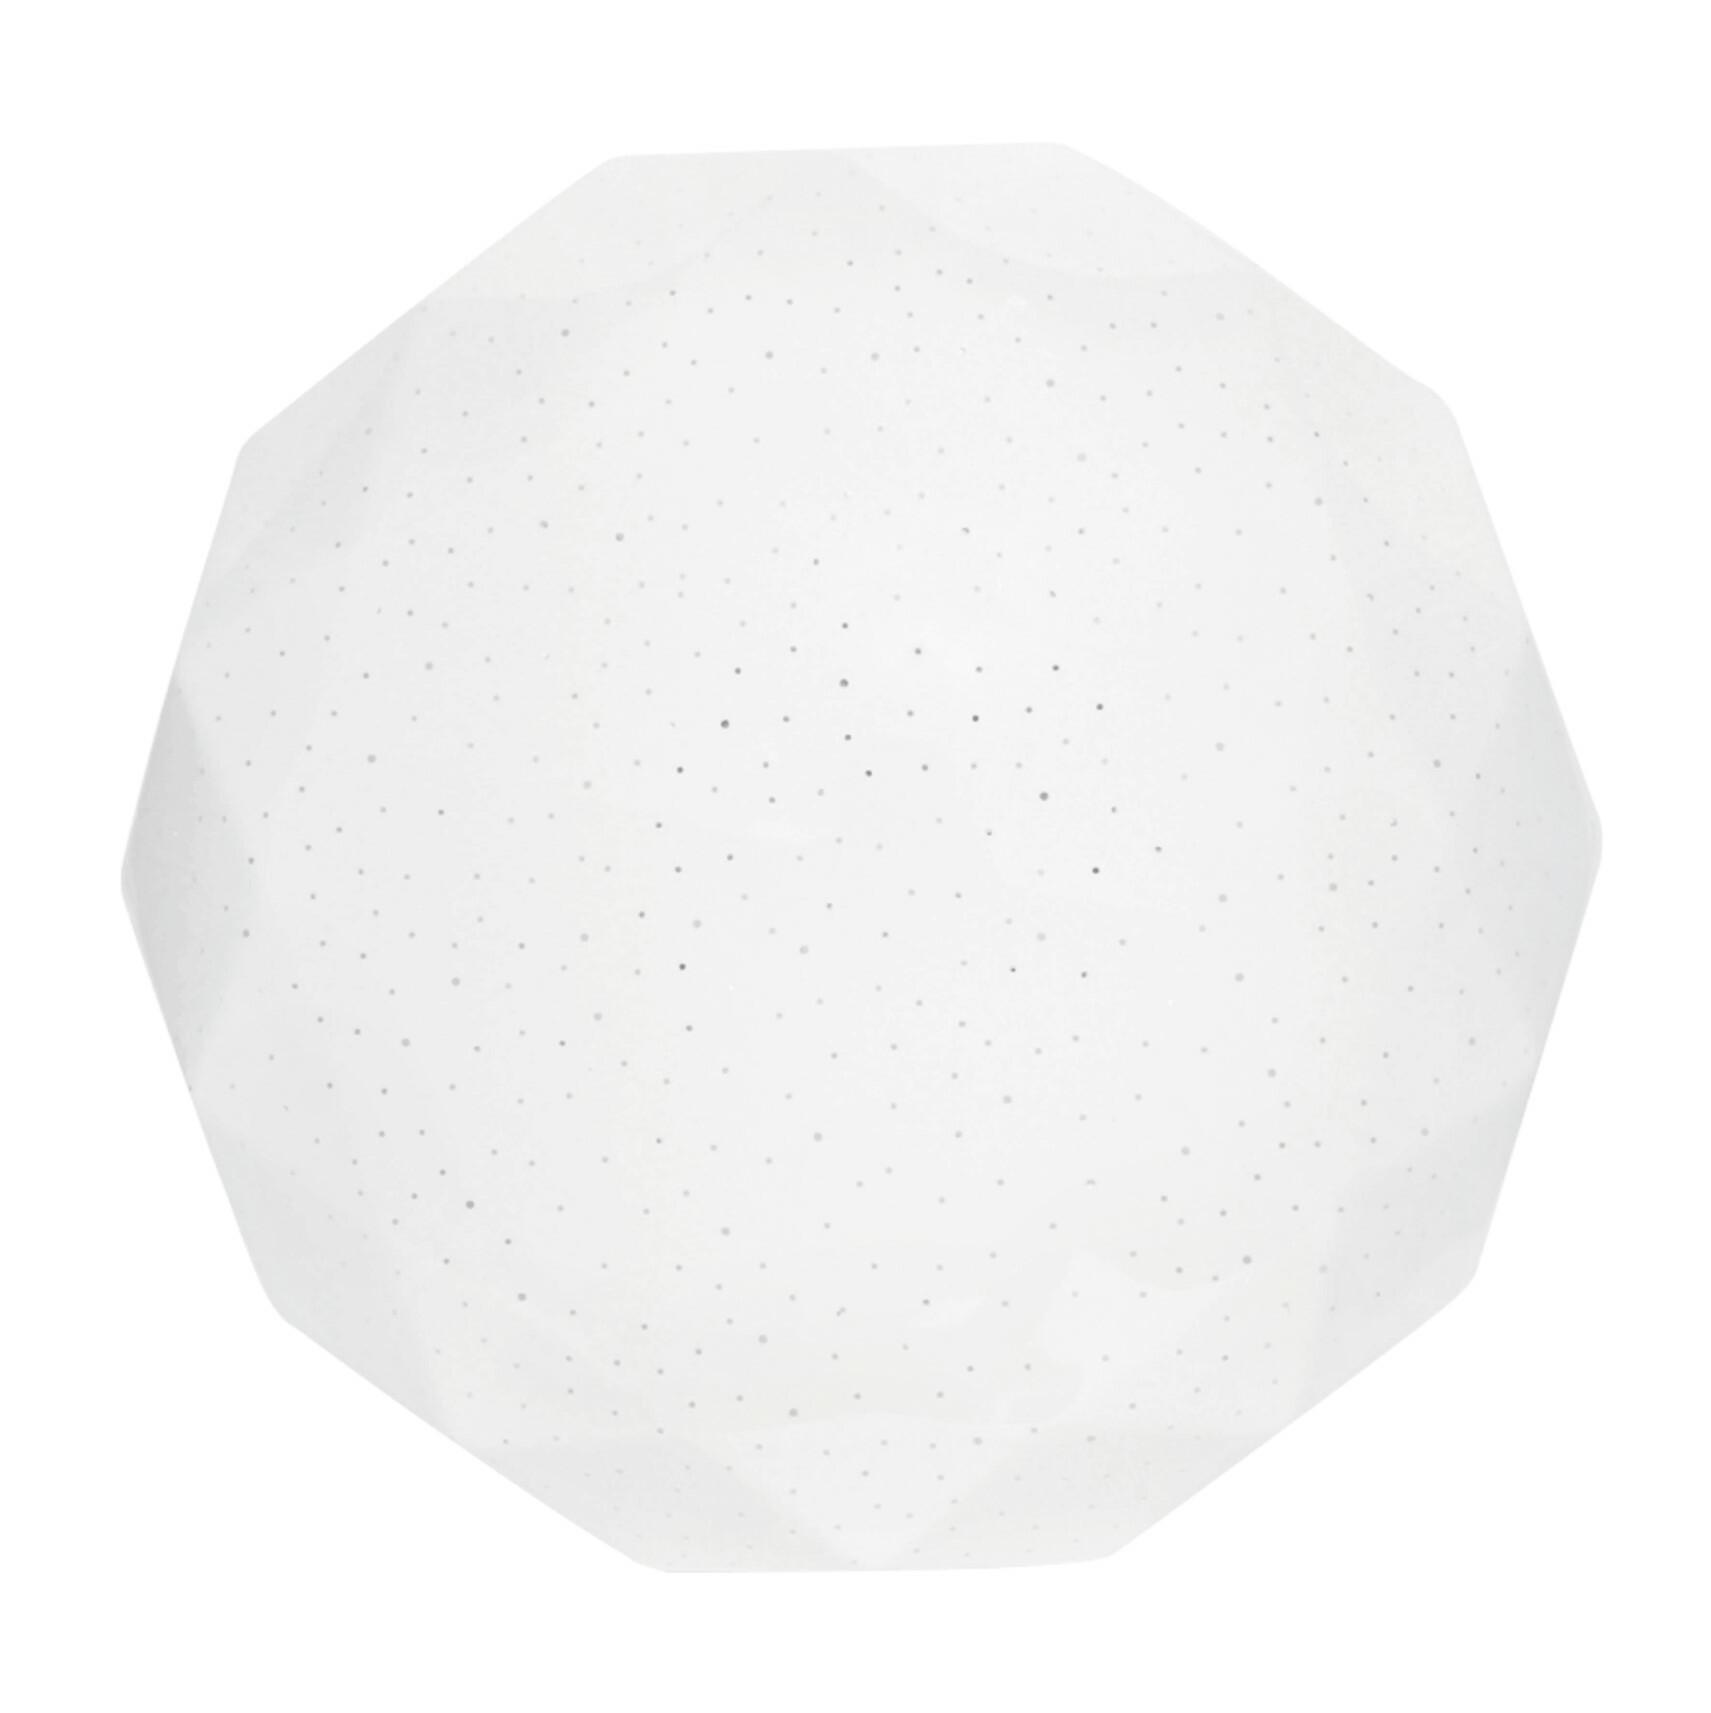 Светильник светодиодный Бриллиант LEEK св-к св/д декоративный 30W(2100lm) 6000K 6K Бриллиант d375x100мм IP20 СЛЛ 041